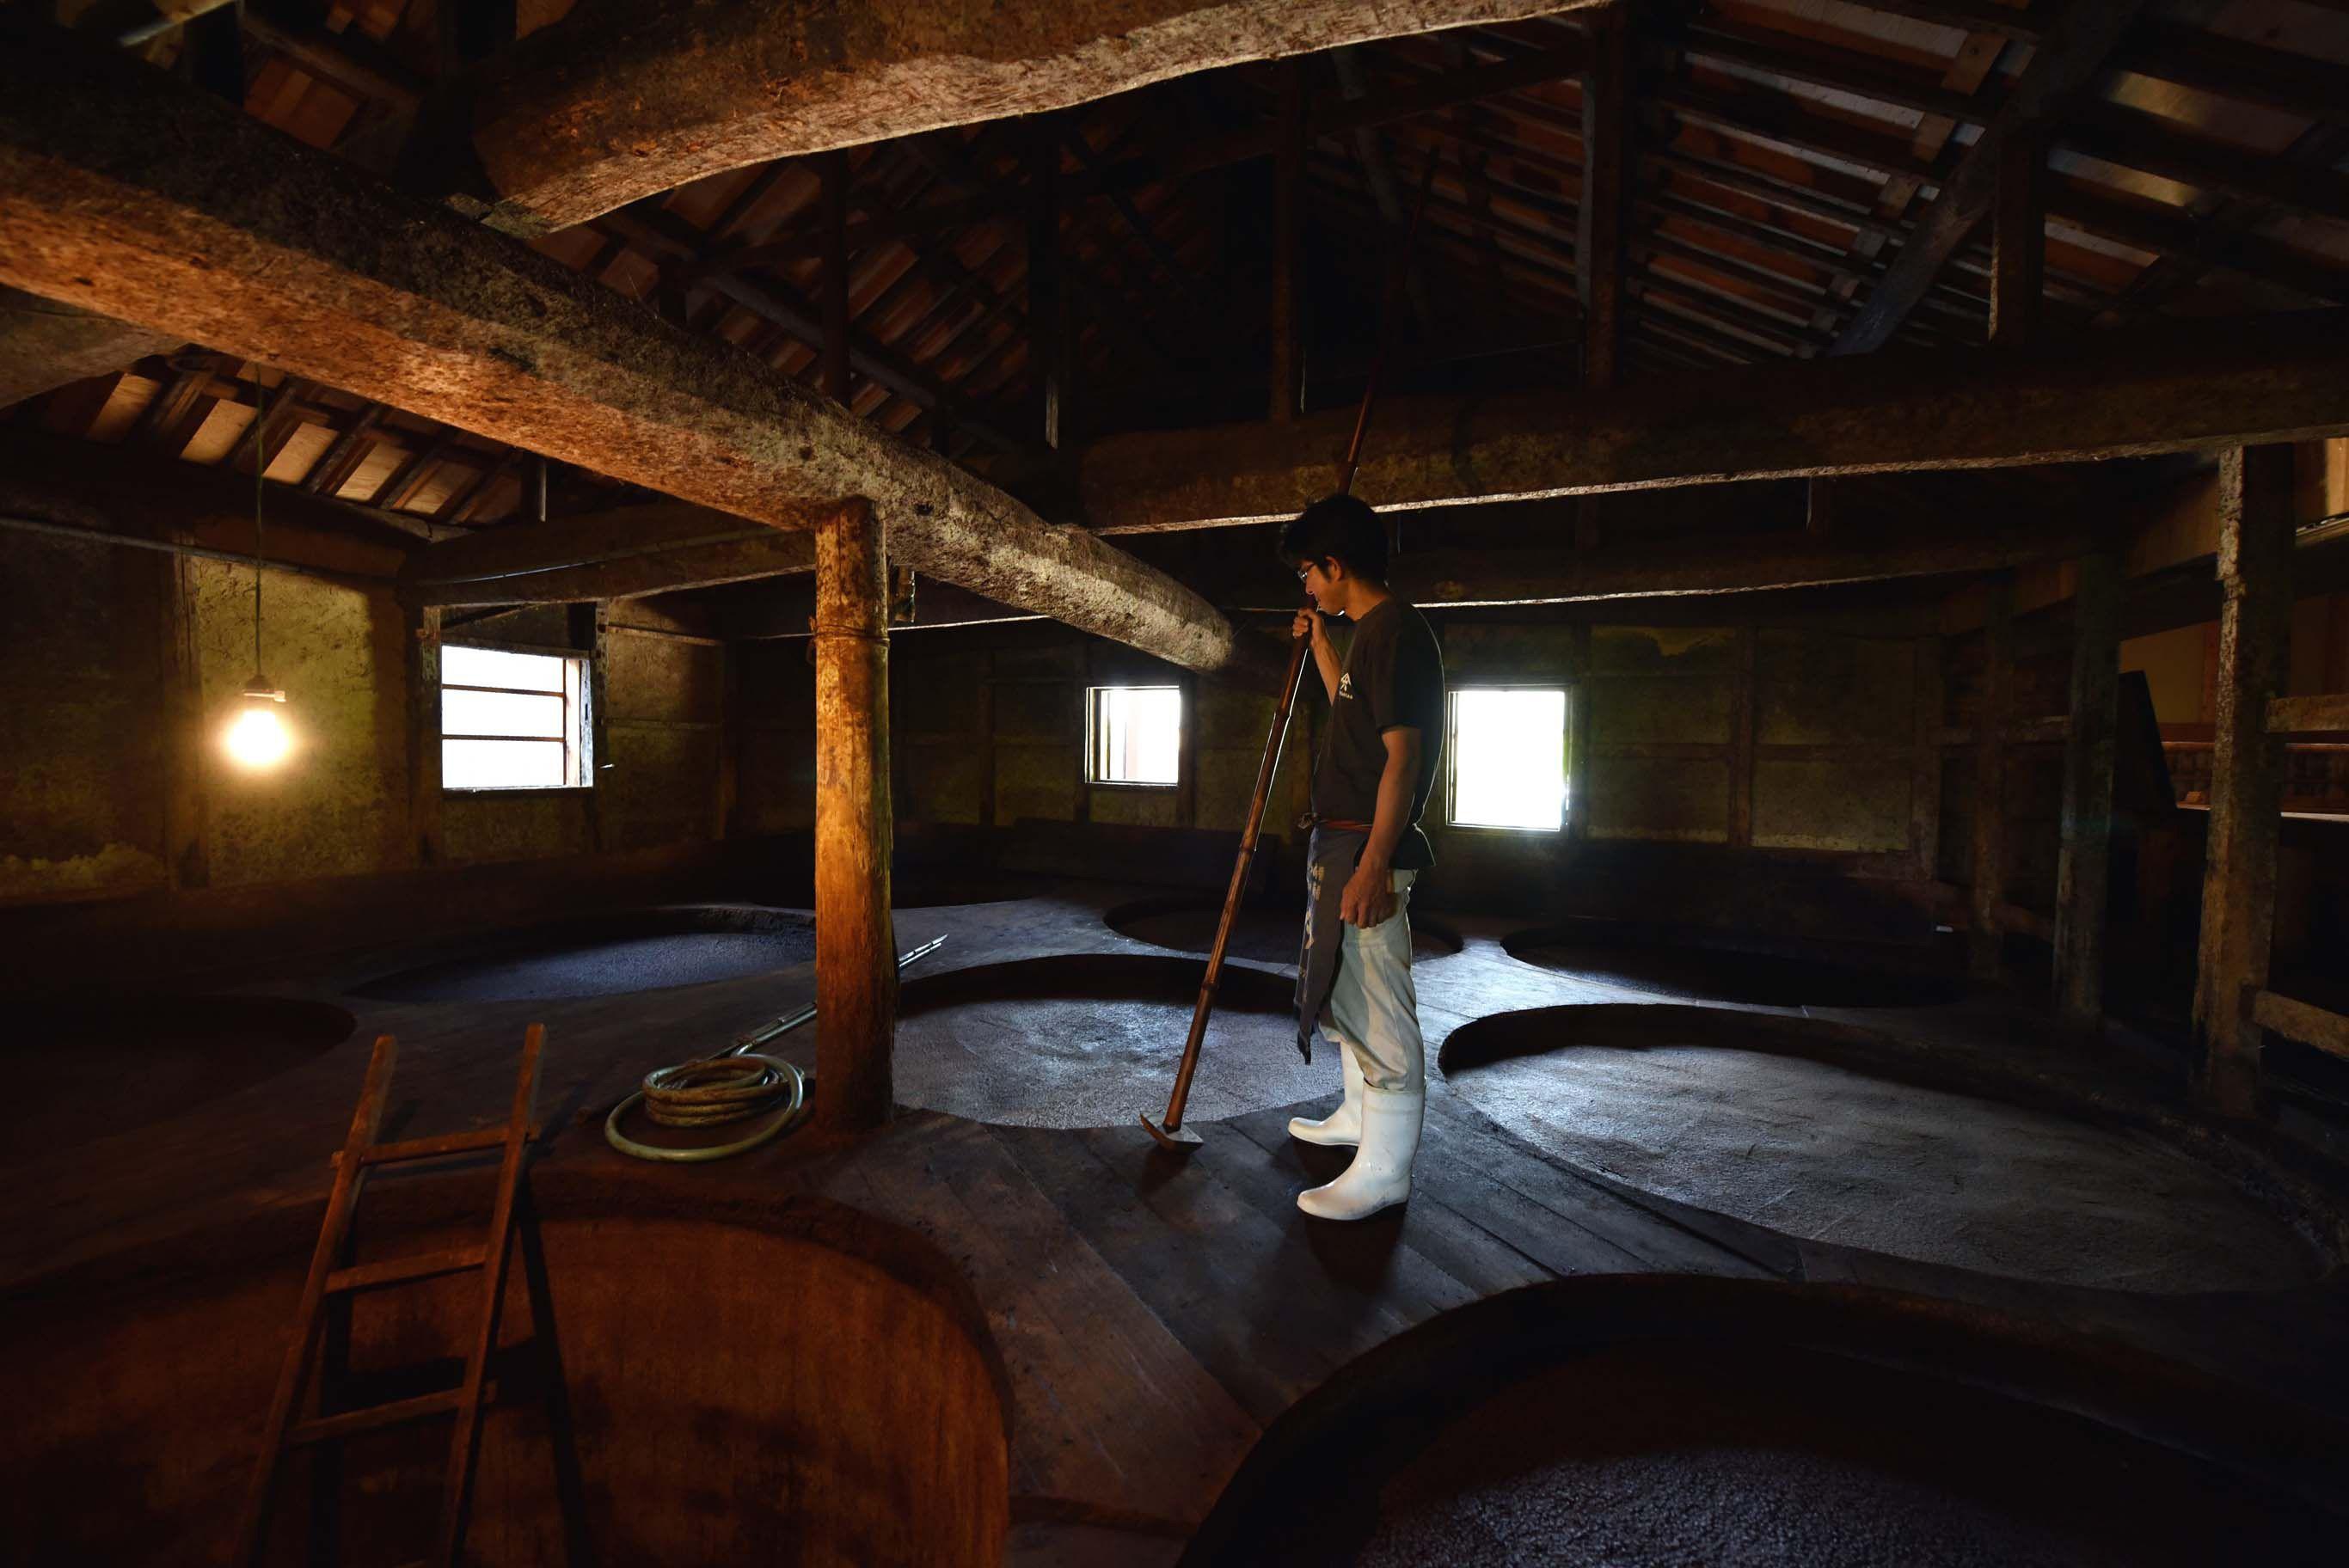 ヤマロク醤油 五代目当主・山本康夫。時を超えて続く、小豆島のレガシー・醤油造りを守る。